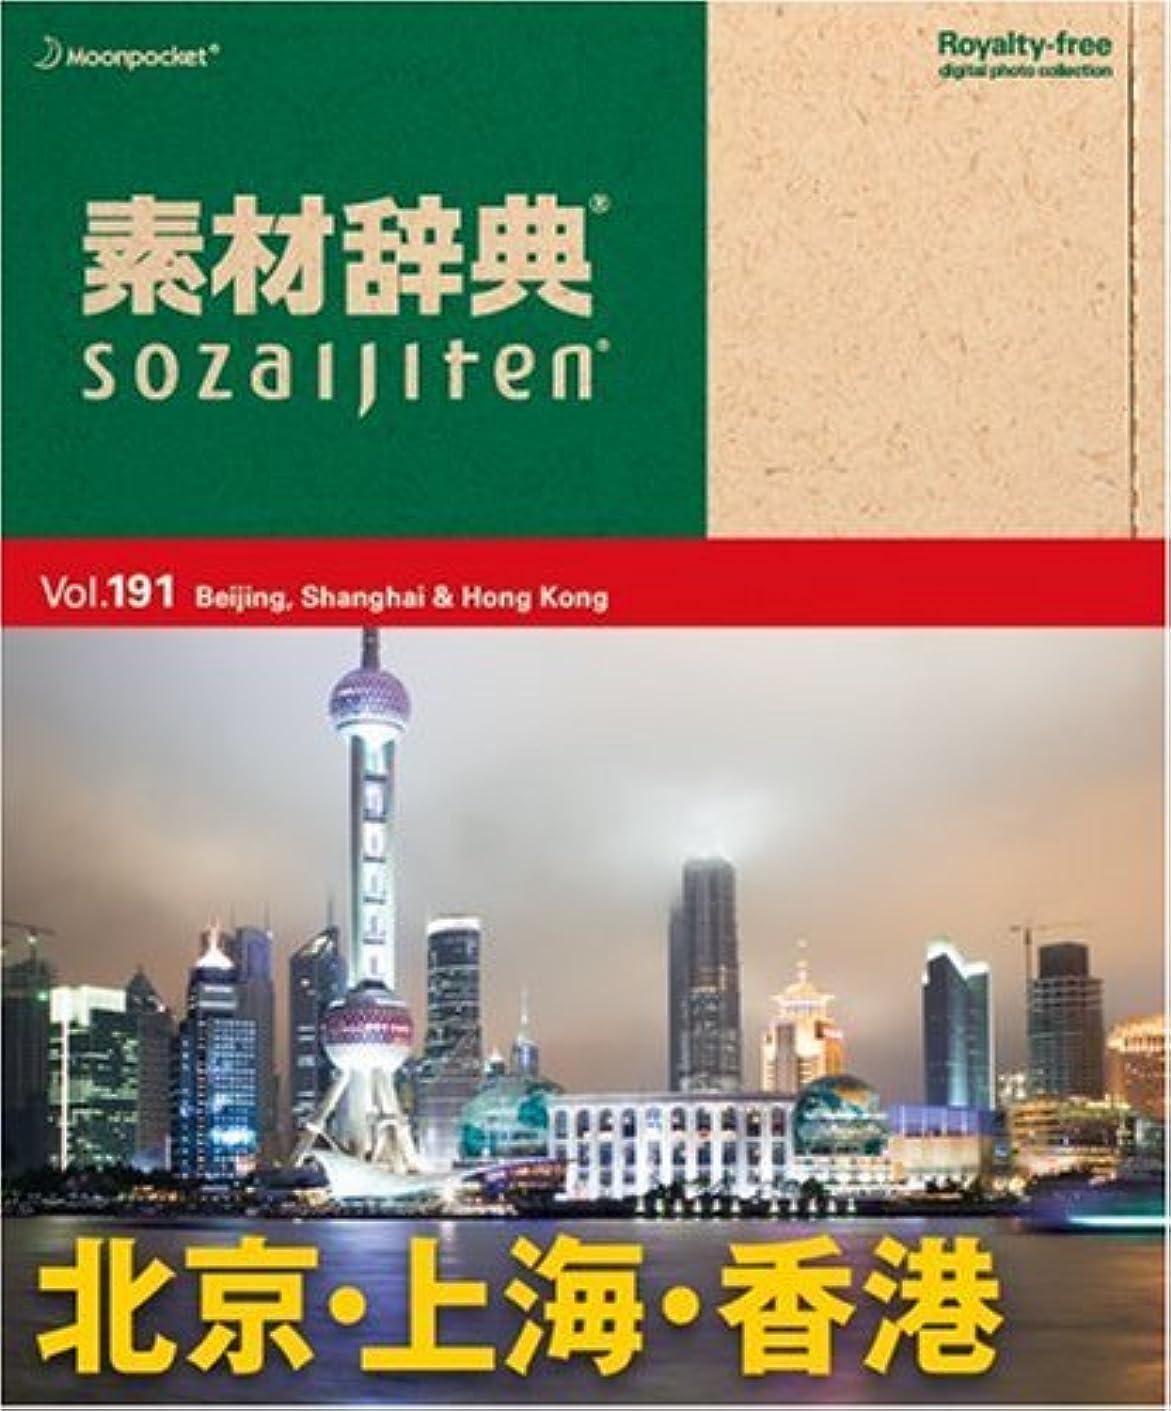 みがきますフィット主導権素材辞典 Vol.191 北京?上海?香港編